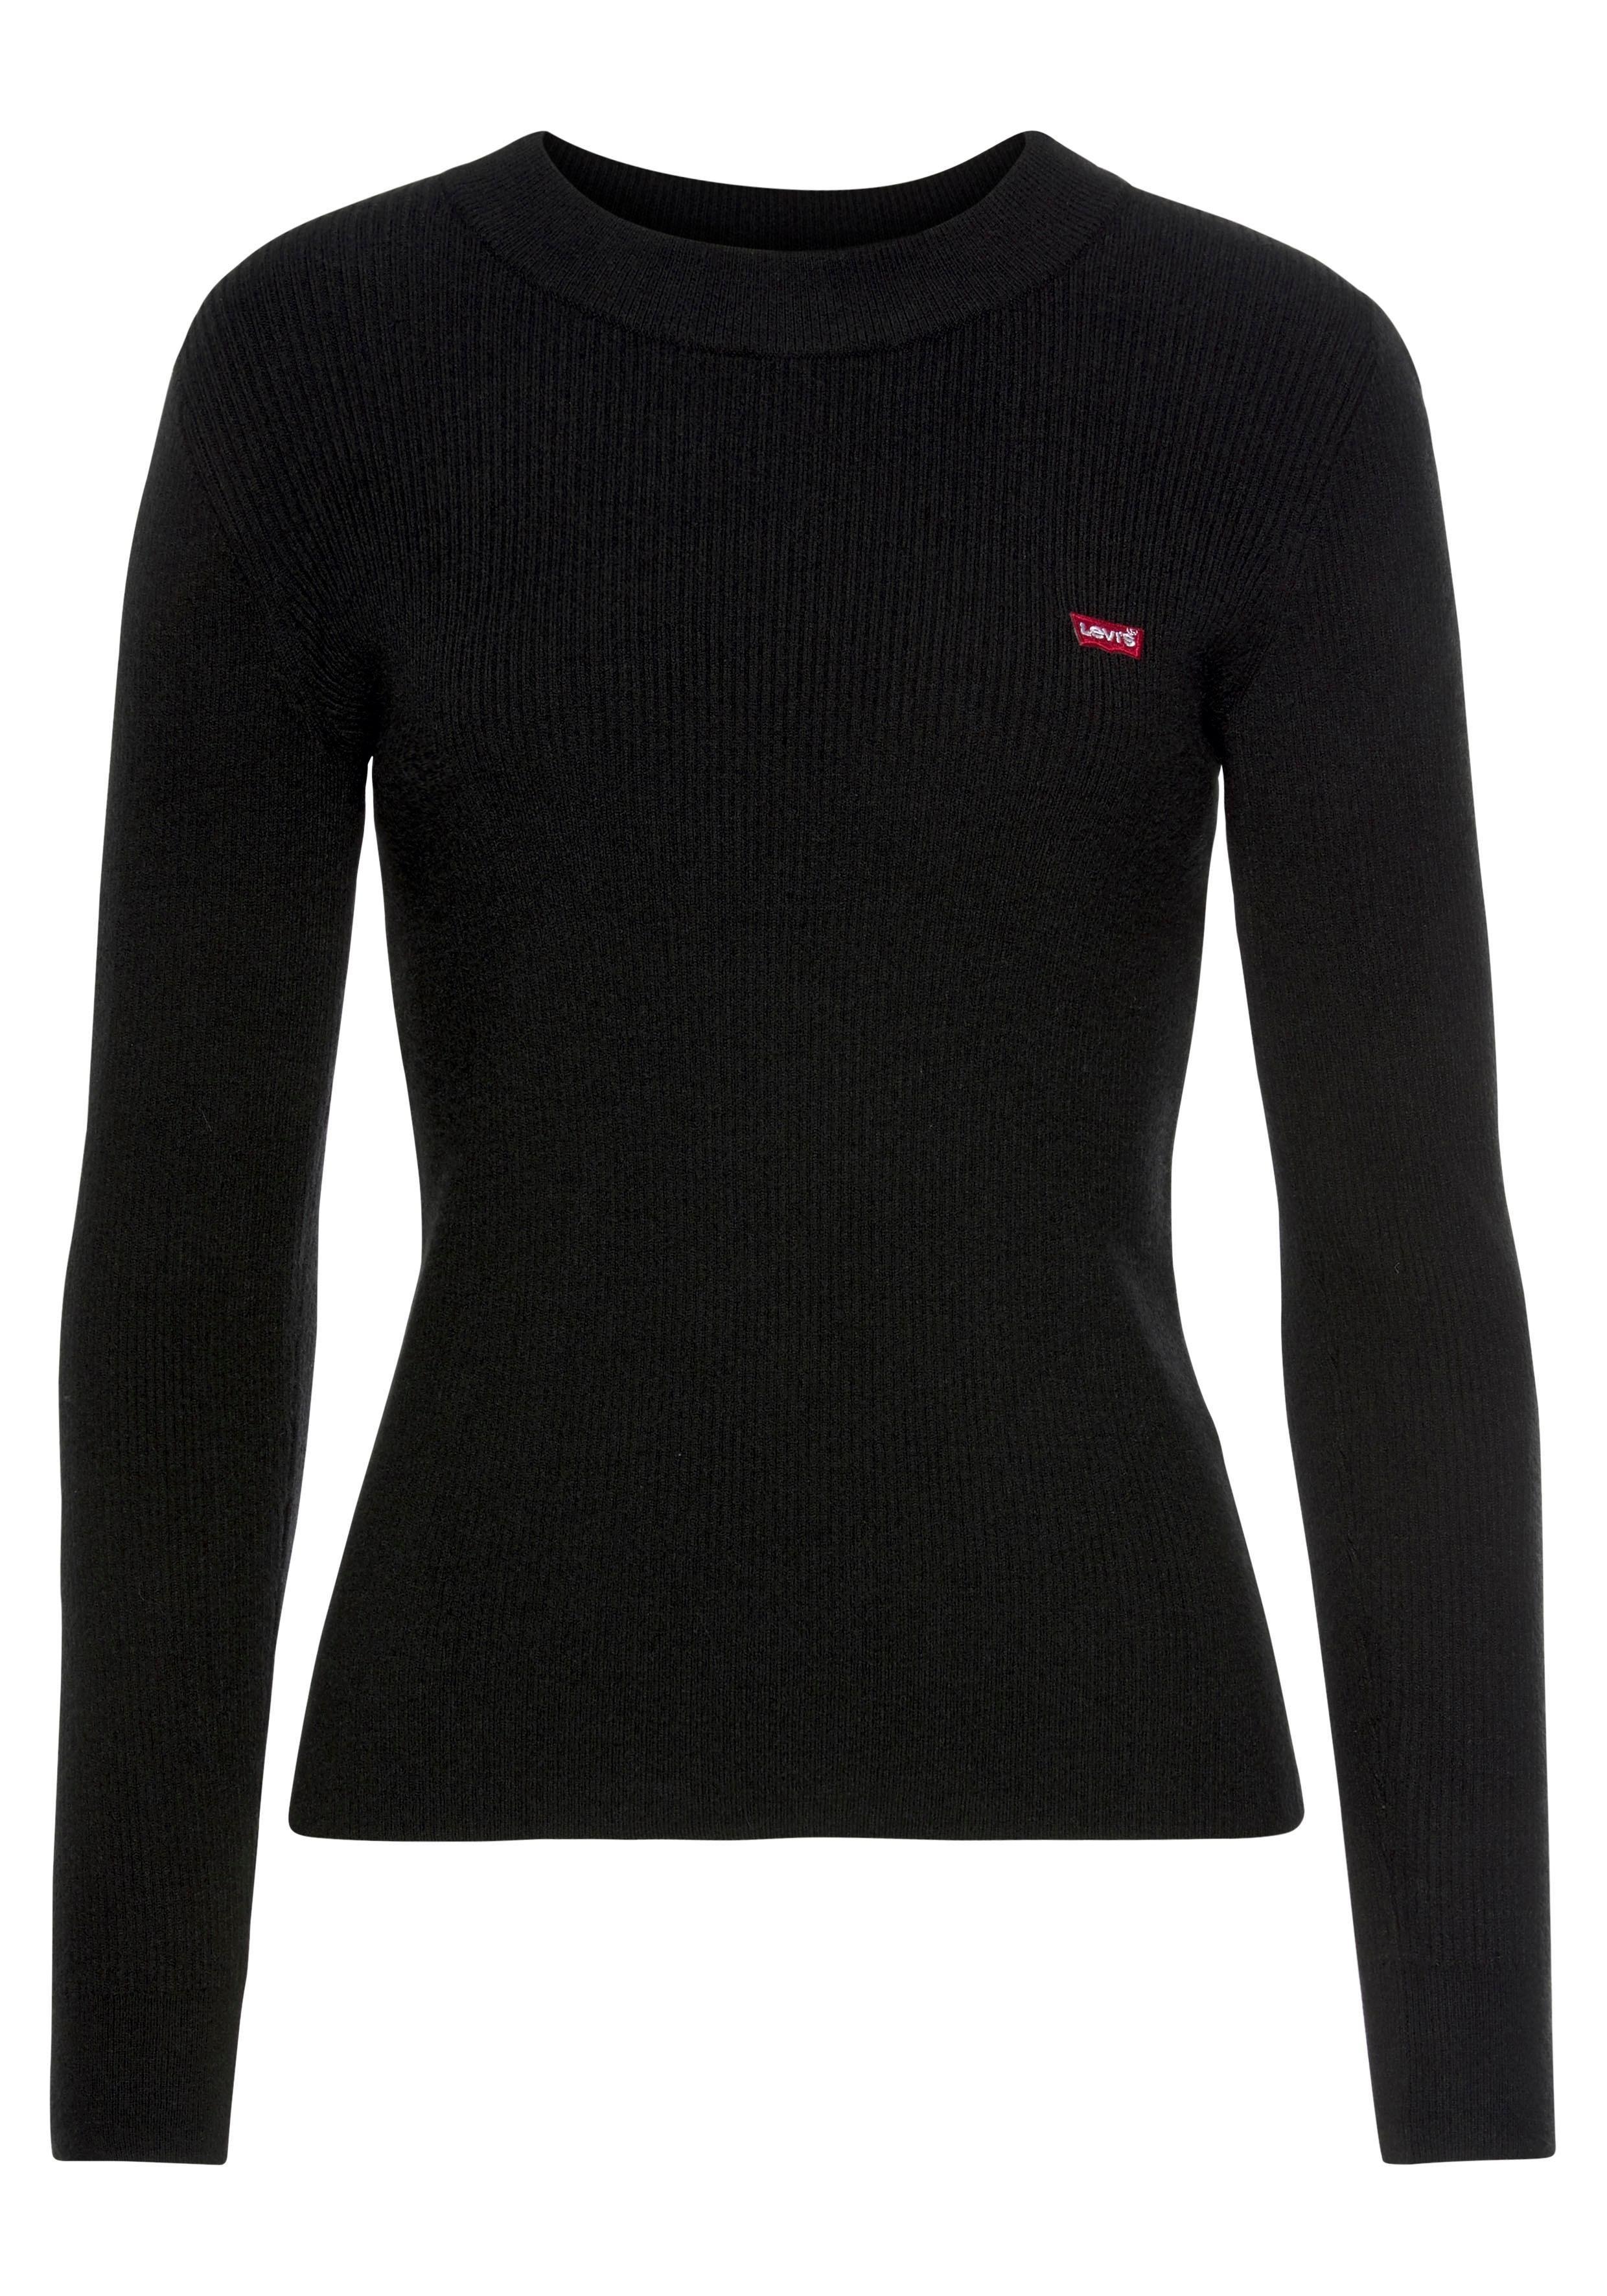 LEVI'S gebreide trui »Crew Rib Sweater« goedkoop op otto.nl kopen